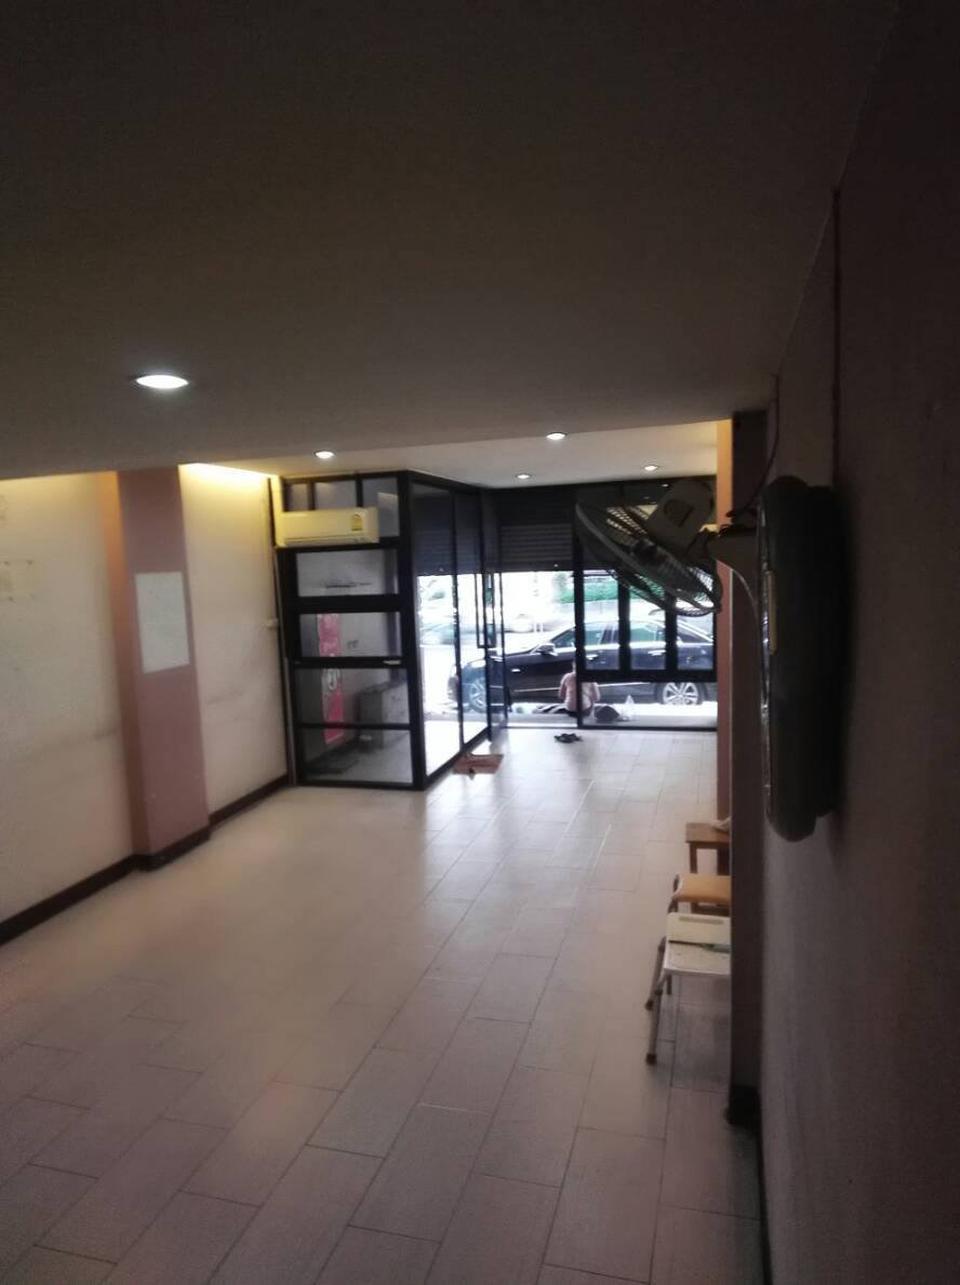 ขาย อาคารพาณิชย์ ติดถนนพระราม 9  5 ชั้น รูปที่ 2